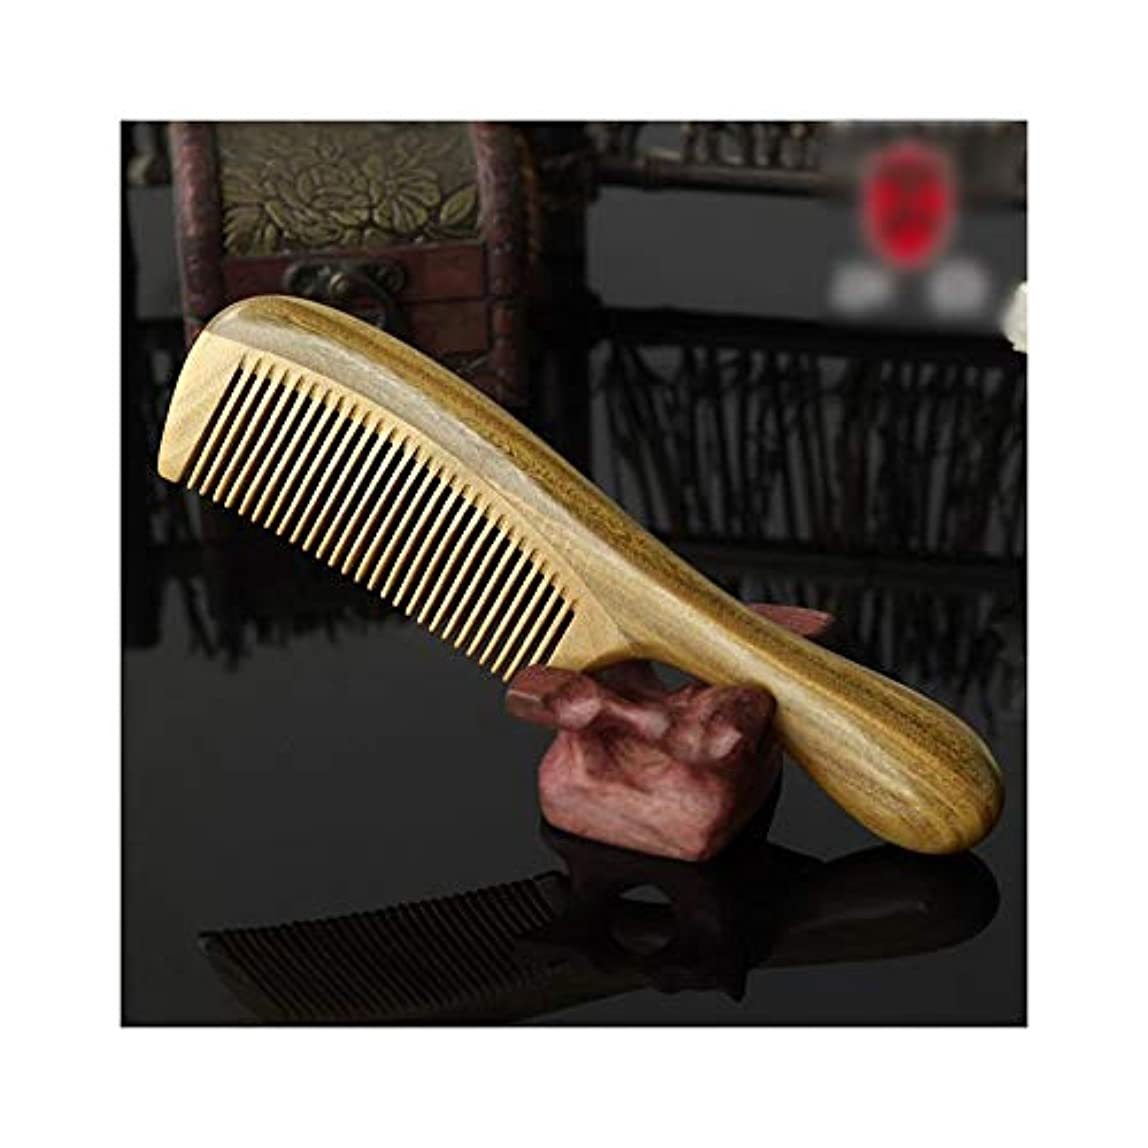 宣伝定規野望WASAIO 無静的マッサージ髪の木製くしDetangleコムズメンズ?レディース?ブラシセットパドルナチュラルグリーンサンダルウッドヘアカットツール